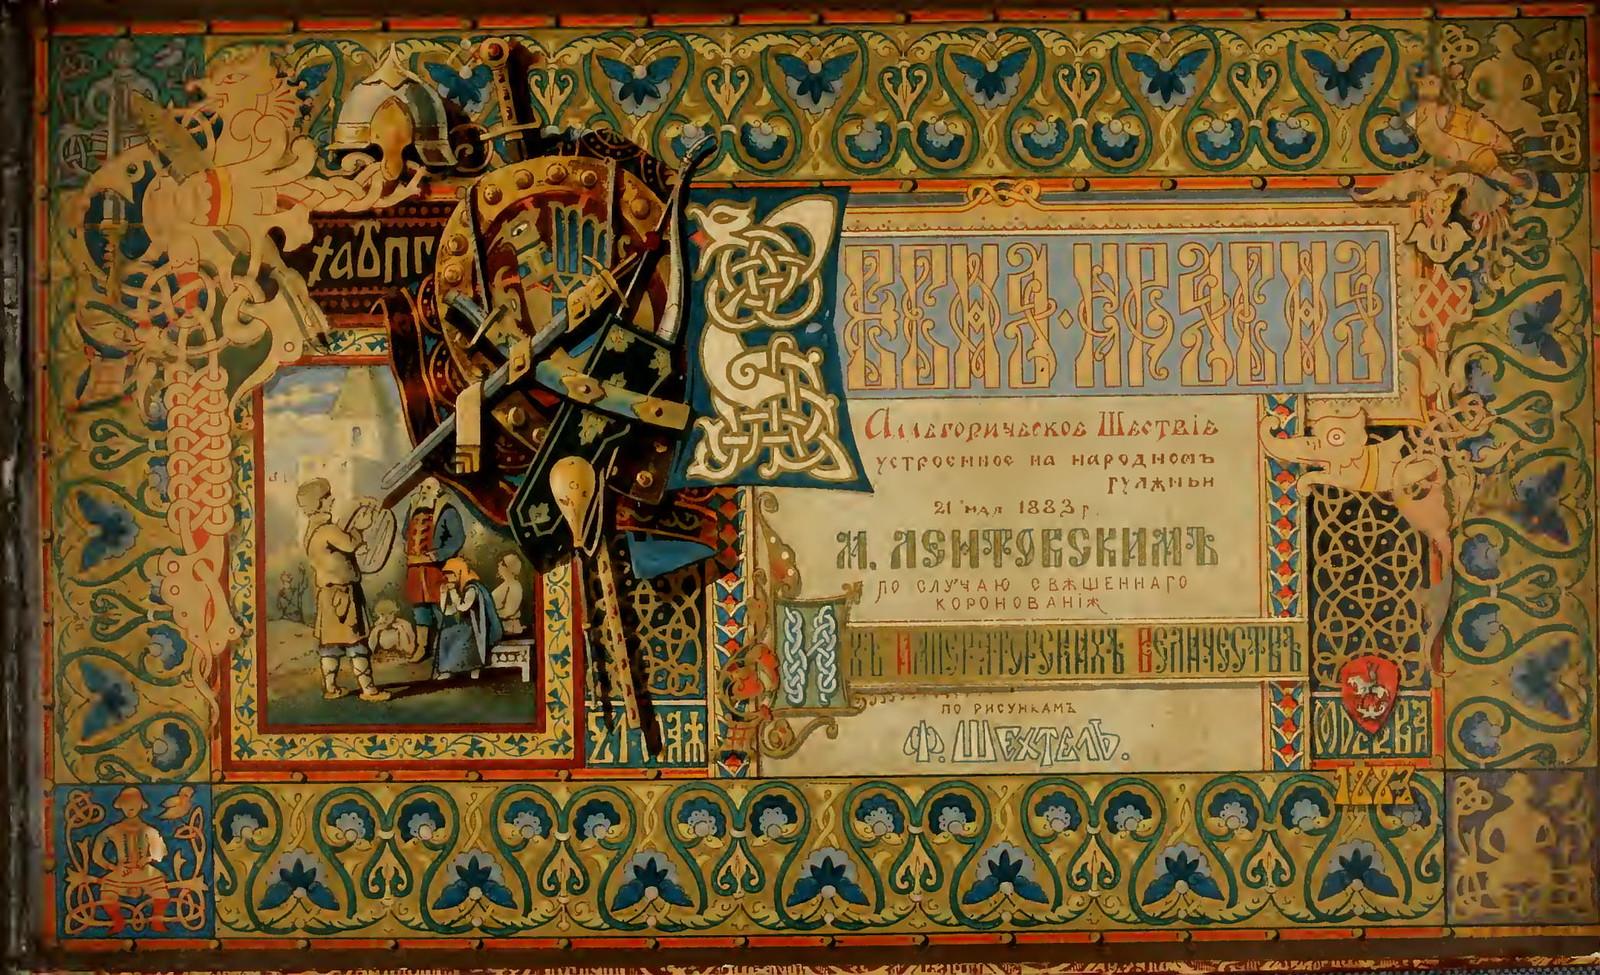 1883. Весна красна. Аллегорическое шествие, устроенное на народном гулянье по случаю коронования